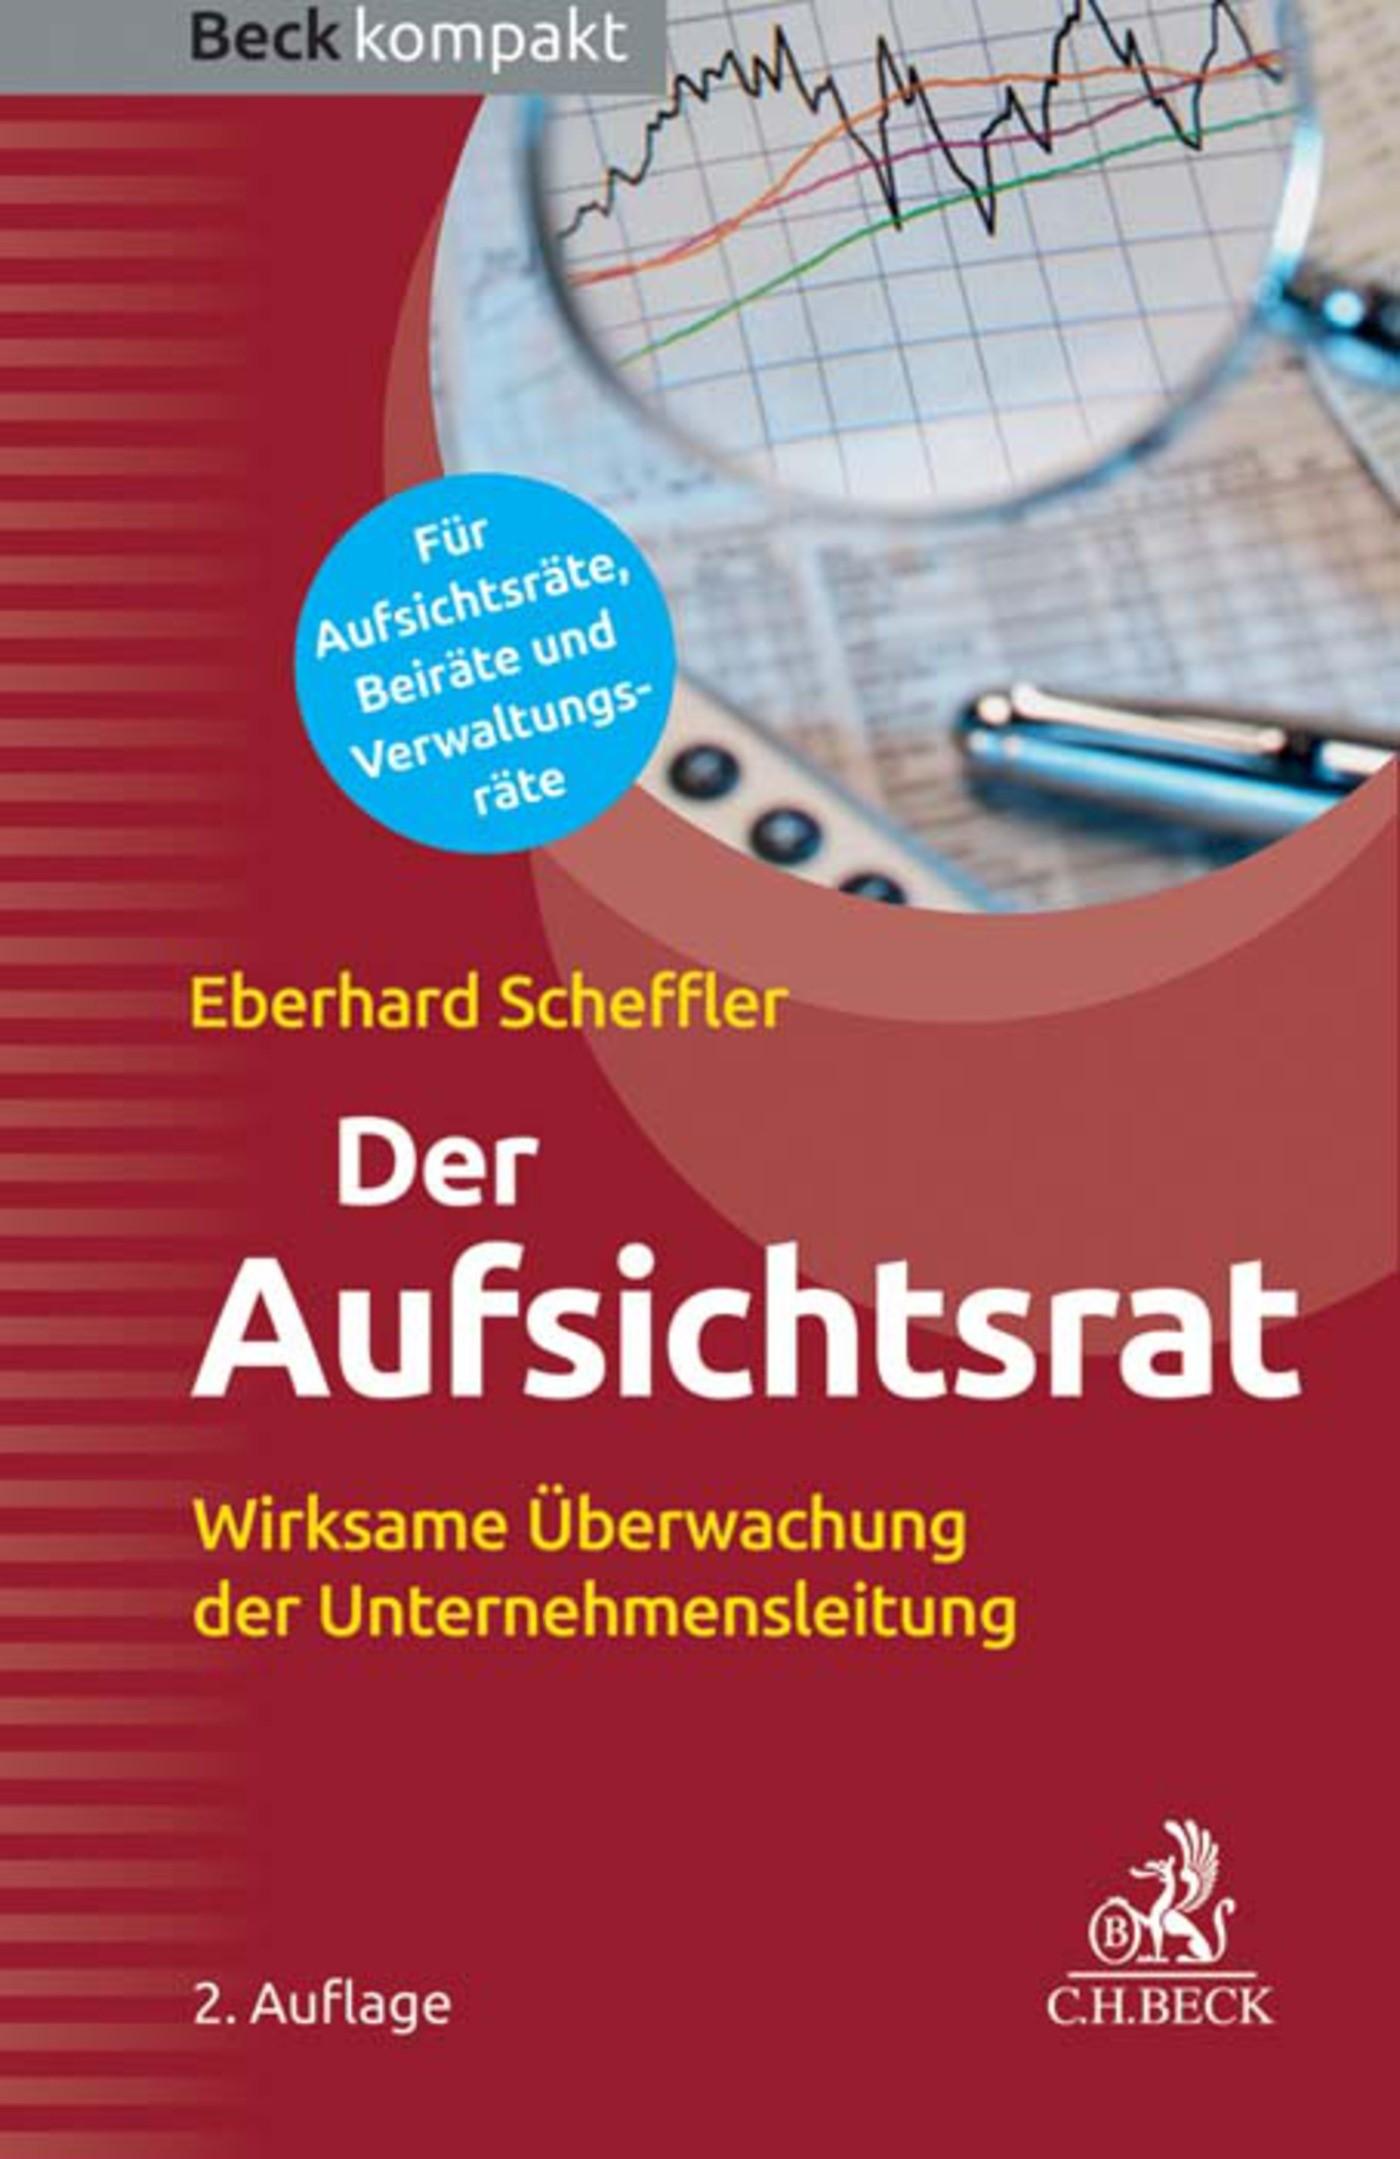 Der Aufsichtsrat | Scheffler | 2. Auflage, 2017 | eBook (Cover)